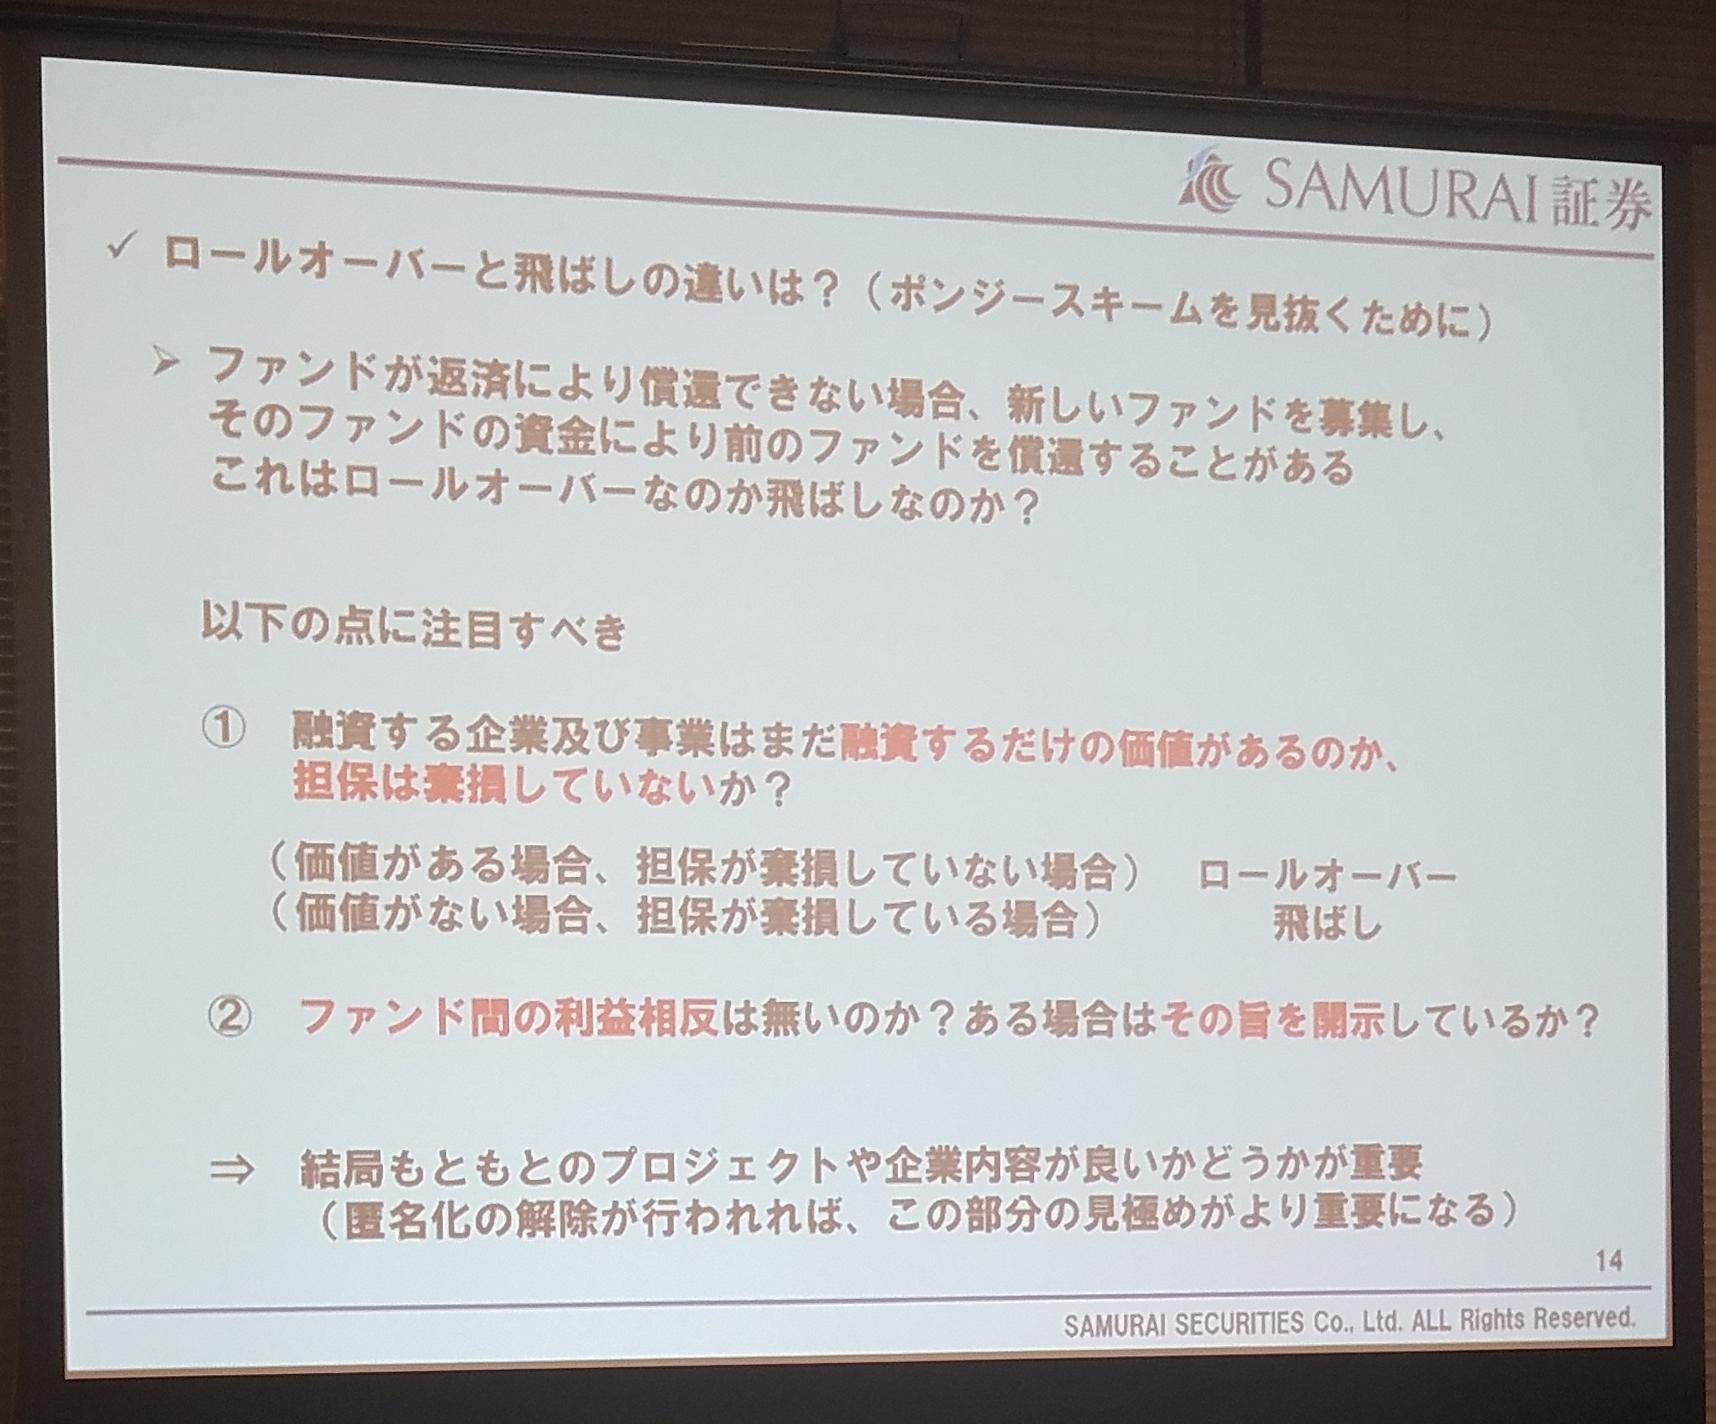 13_SAMURAIセミナー参加報告